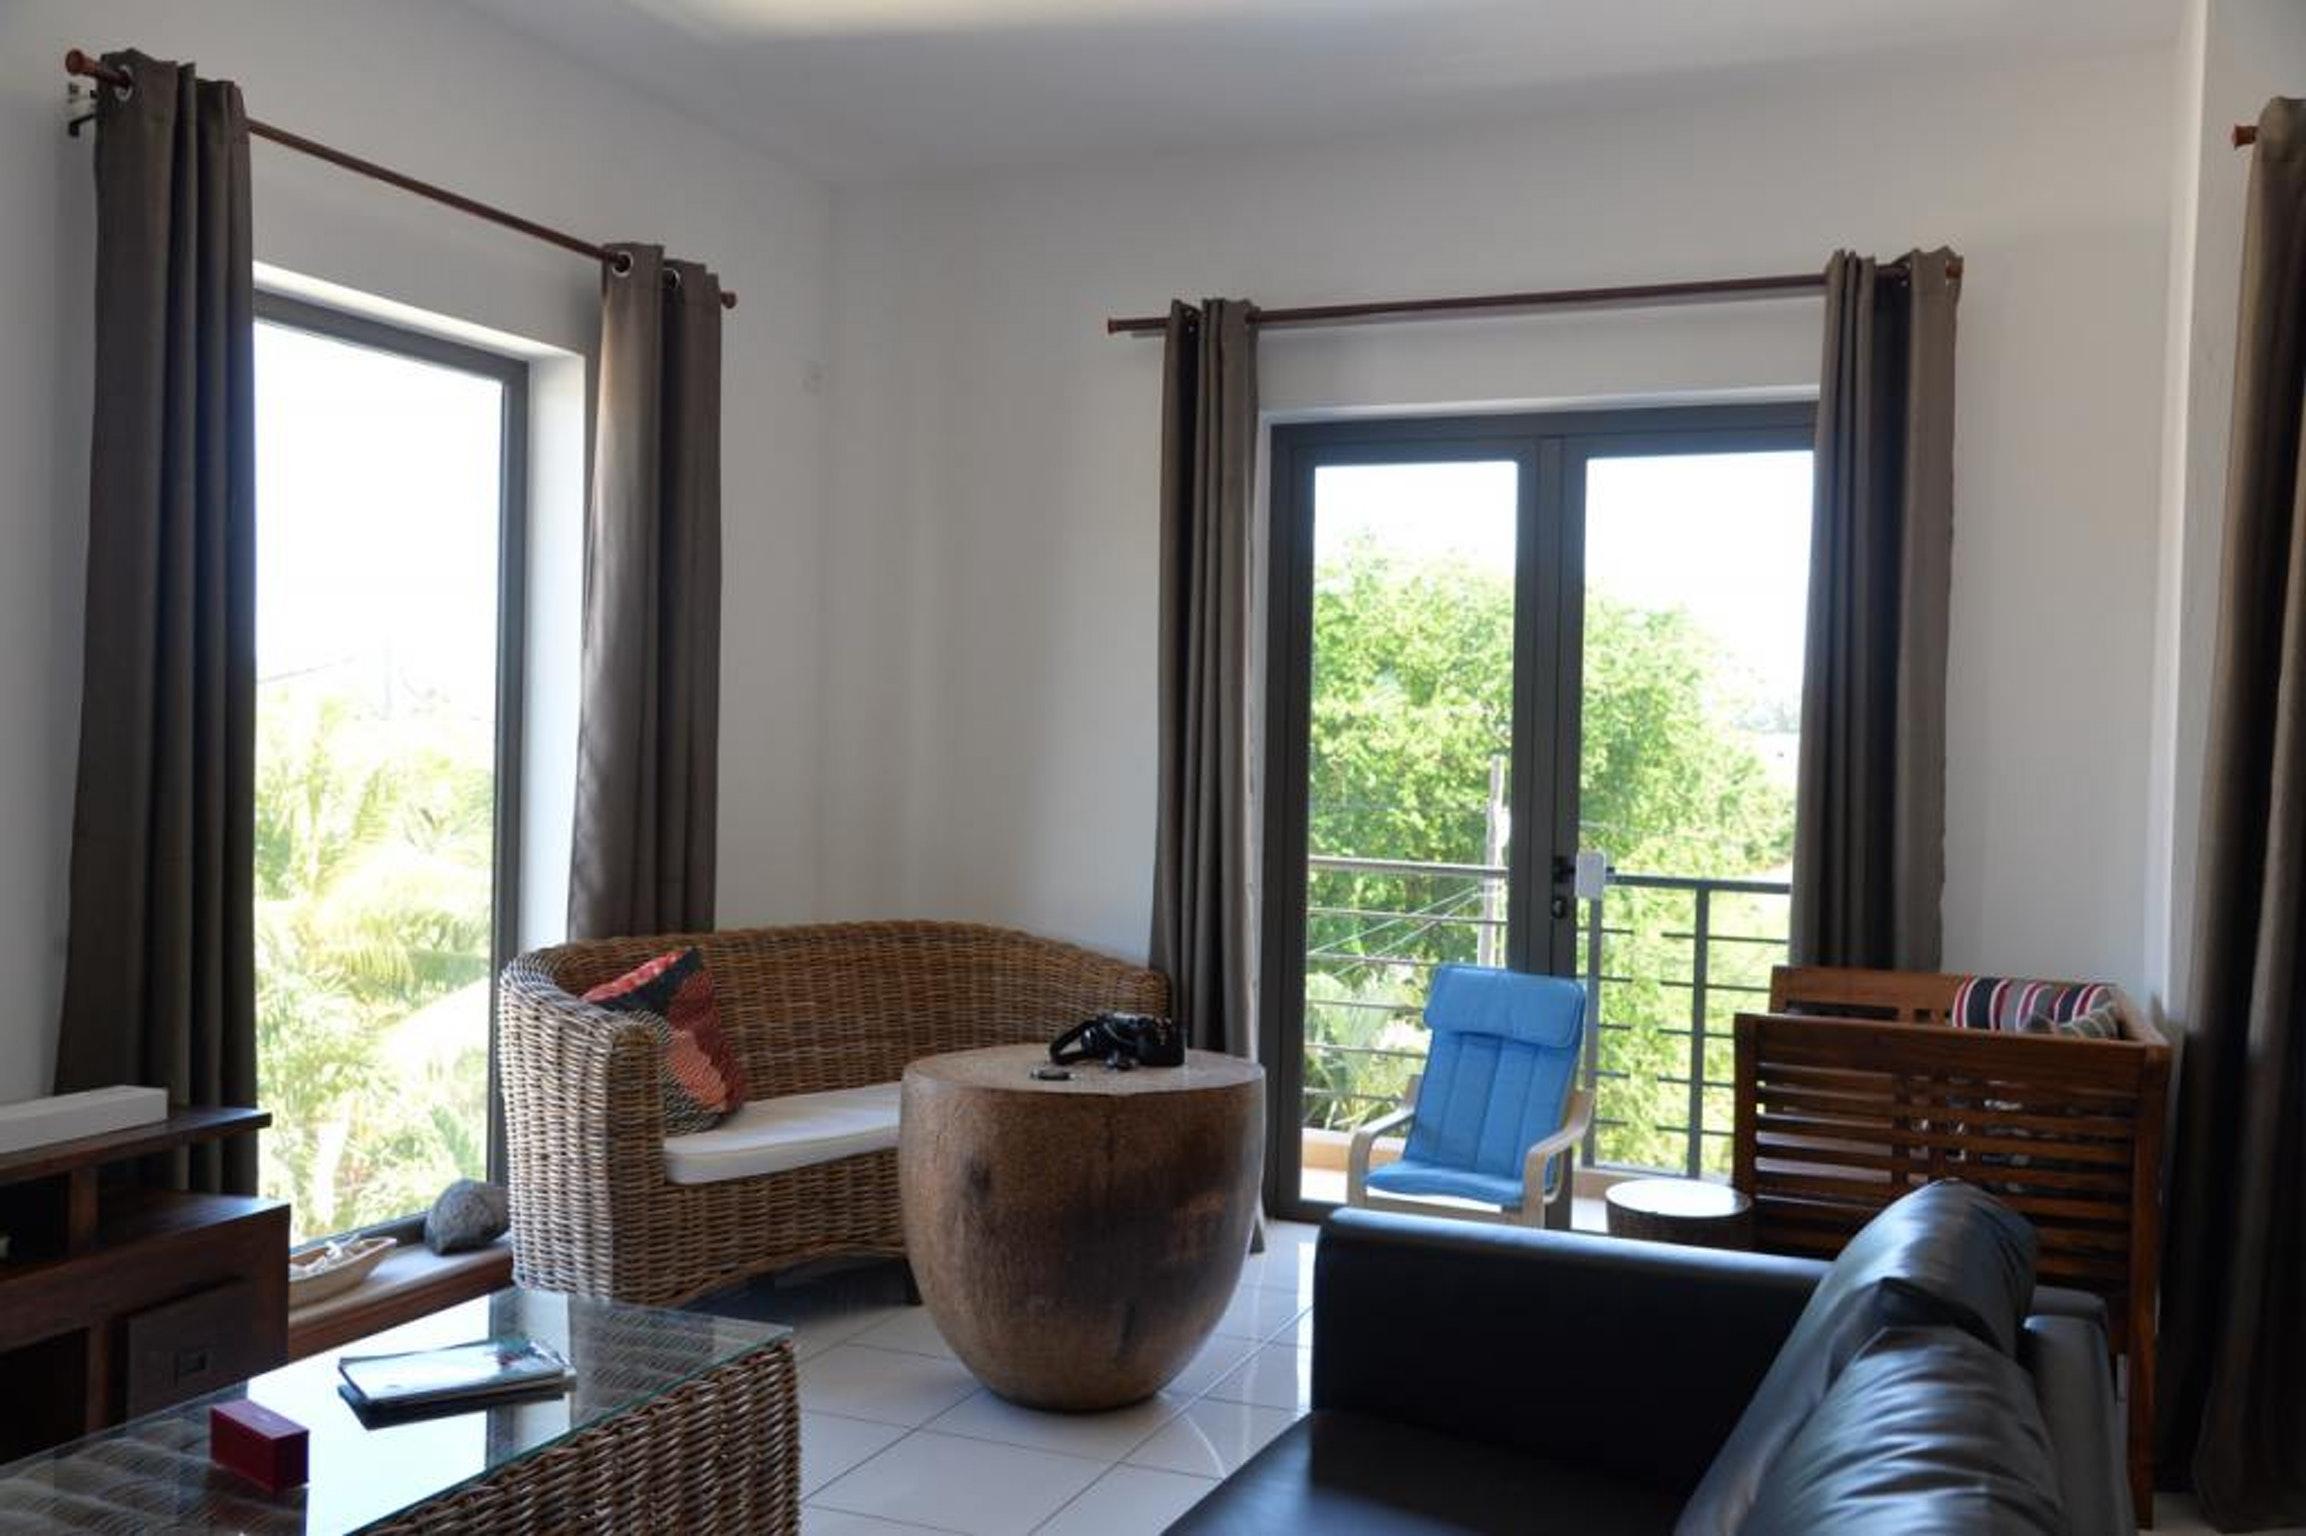 Haus mit 3 Schlafzimmern in Flic en Flac mit tolle Ferienhaus in Afrika